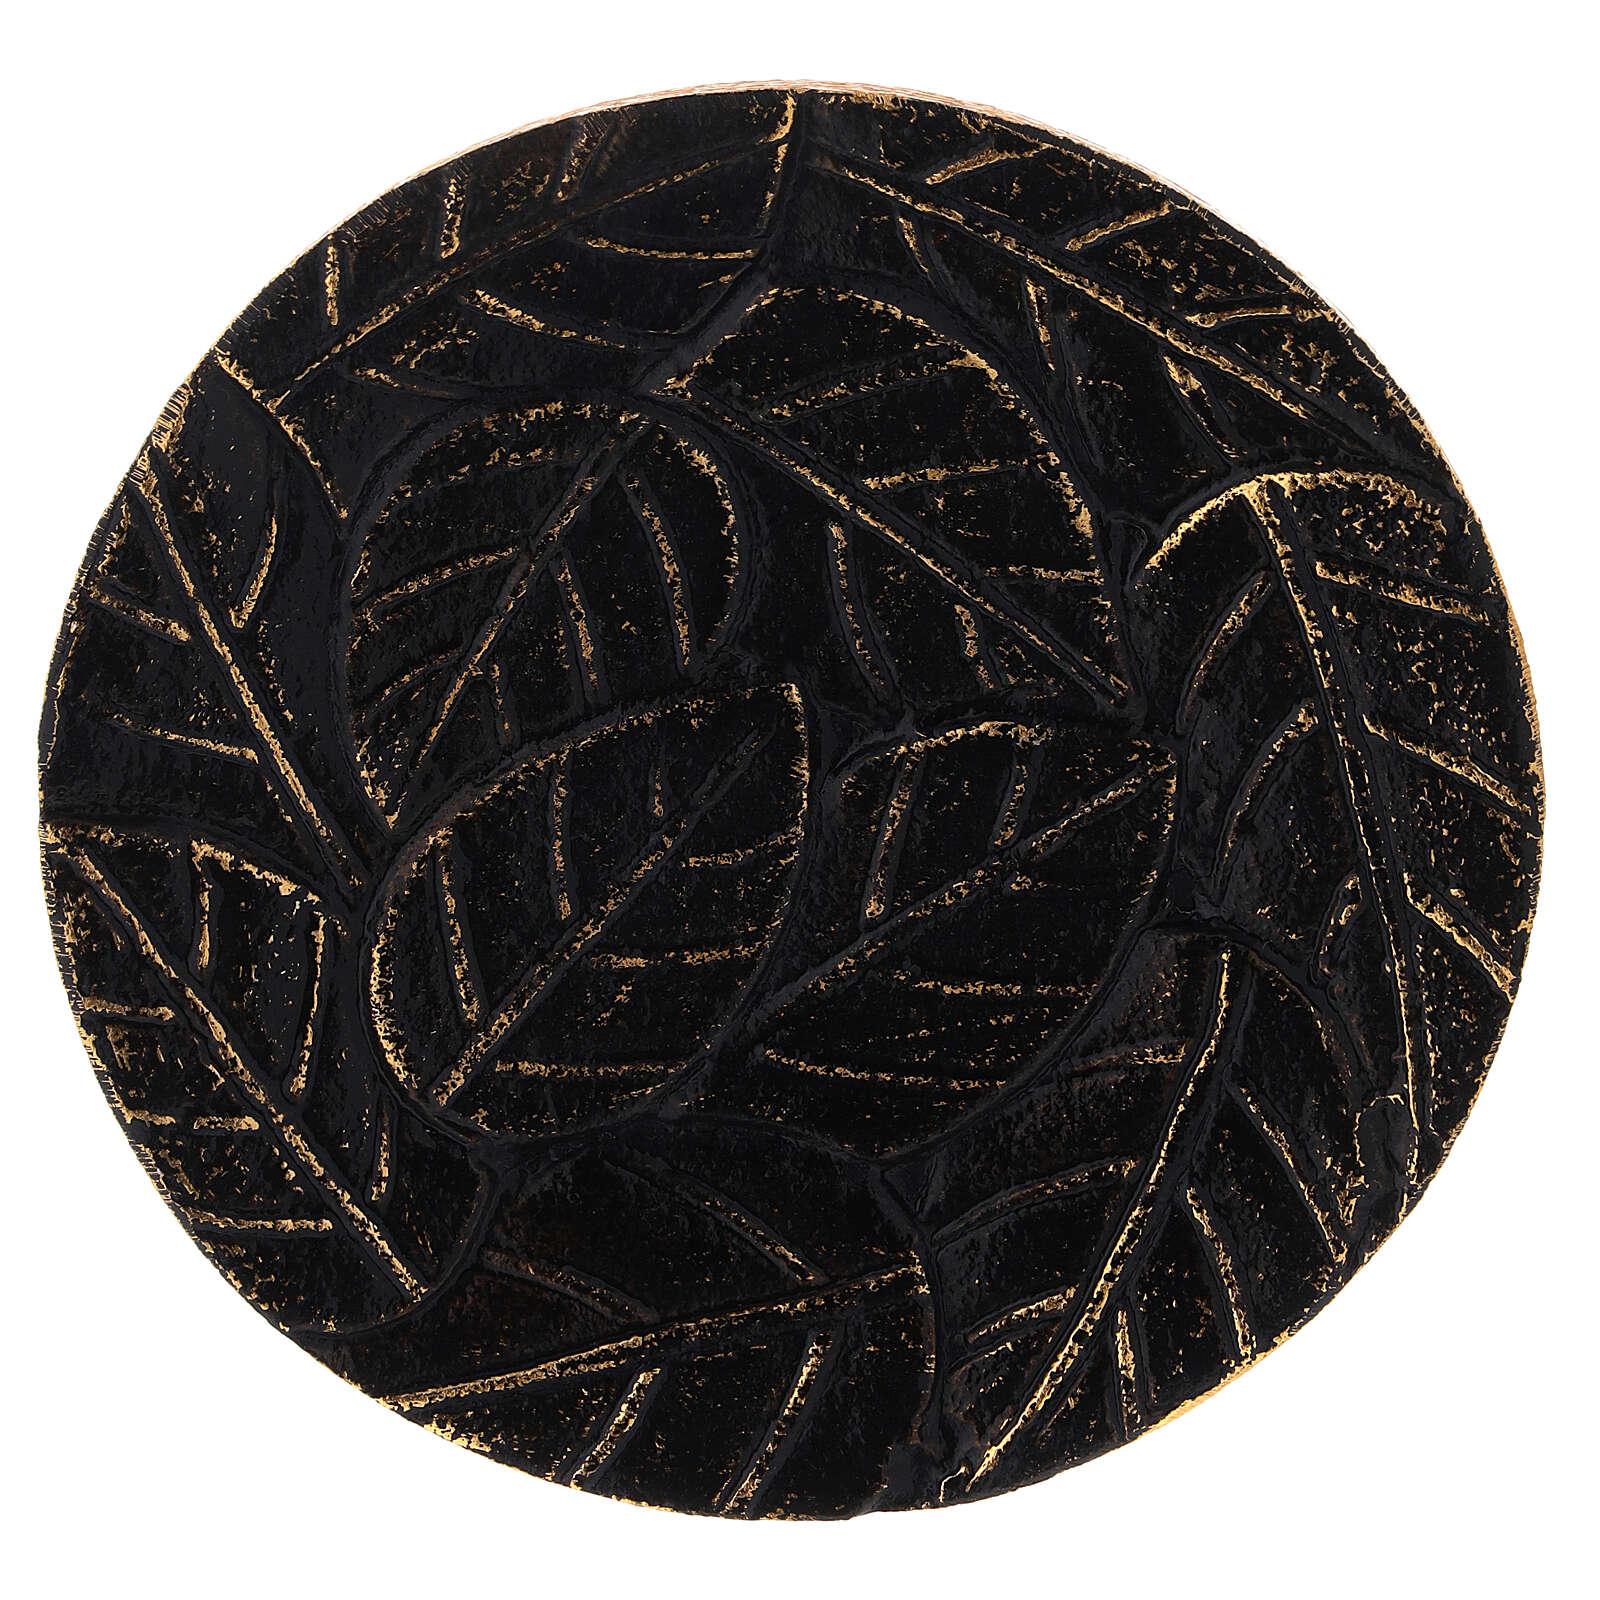 Piattino foglie incise alluminio nero oro diametro 14 cm 3